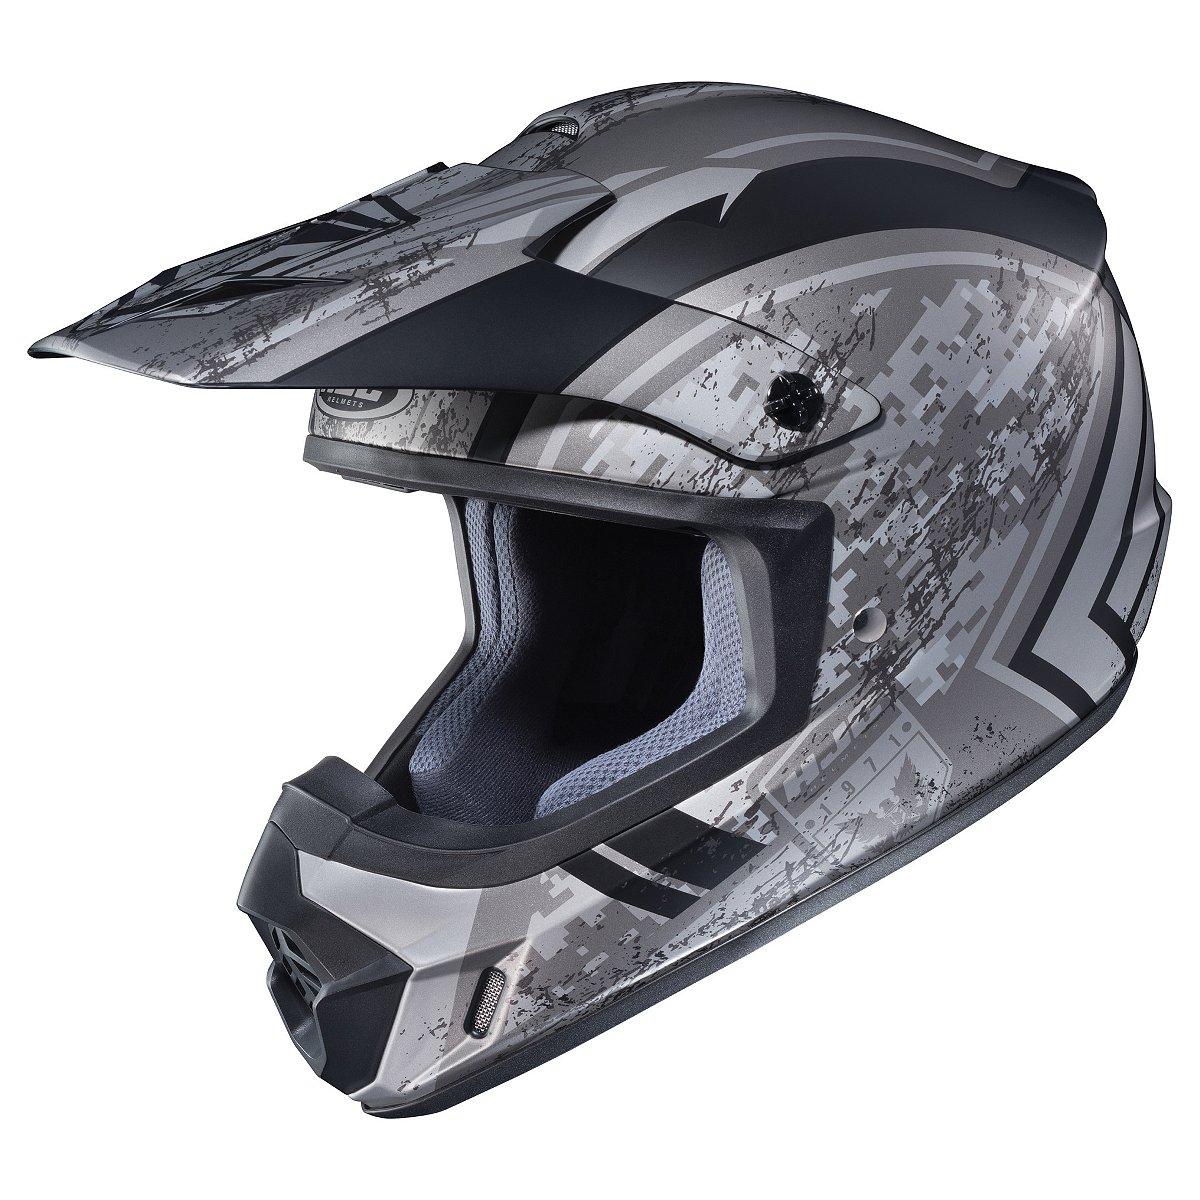 HJC CS-MX 2 Squad MX Offroad Helmet Matte Silver/Black